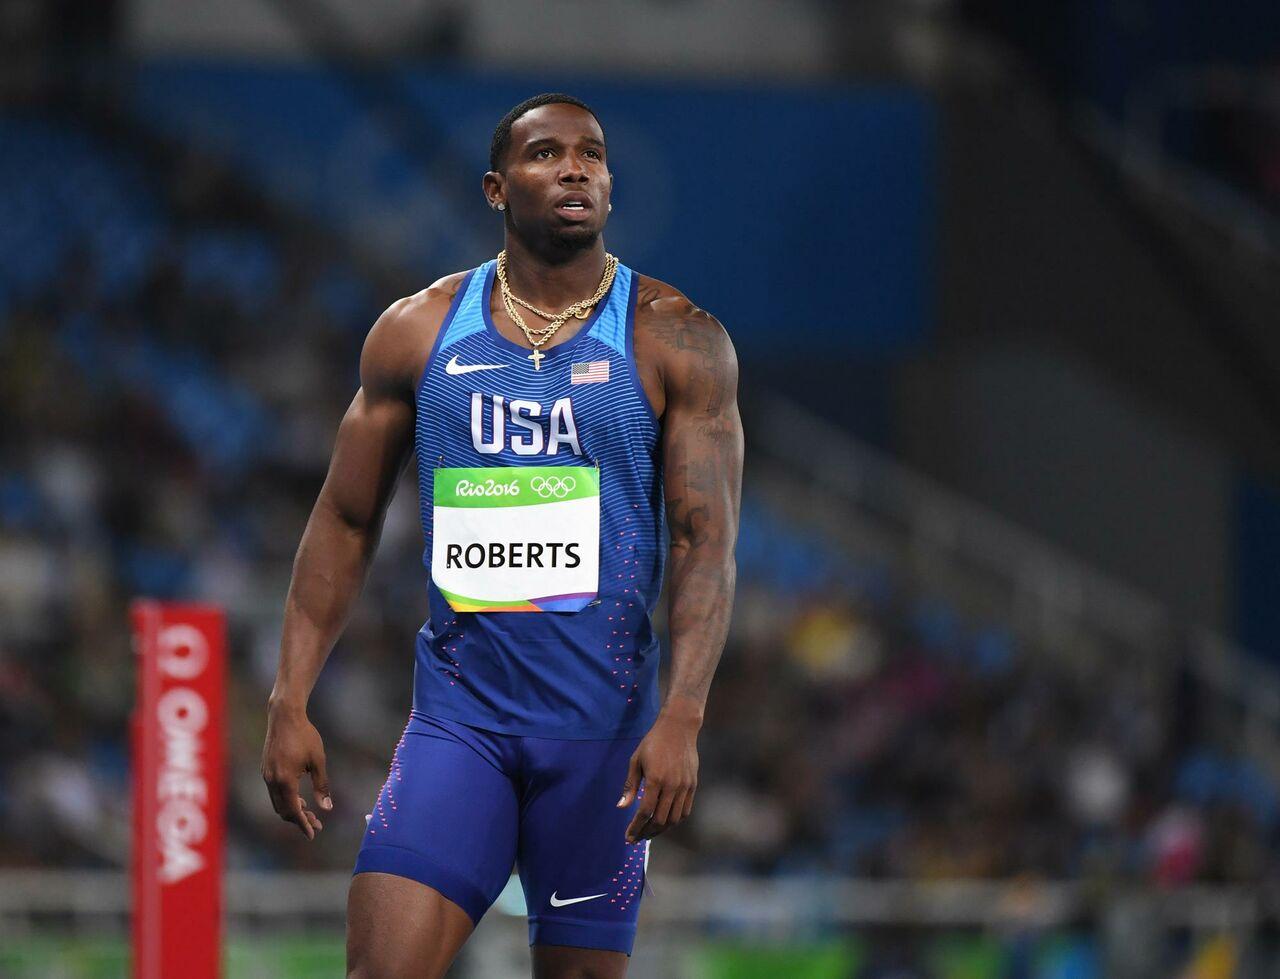 CAS отказался дисквалифицировать задопинг чемпиона ОИ-2016 американского бегуна Робертса